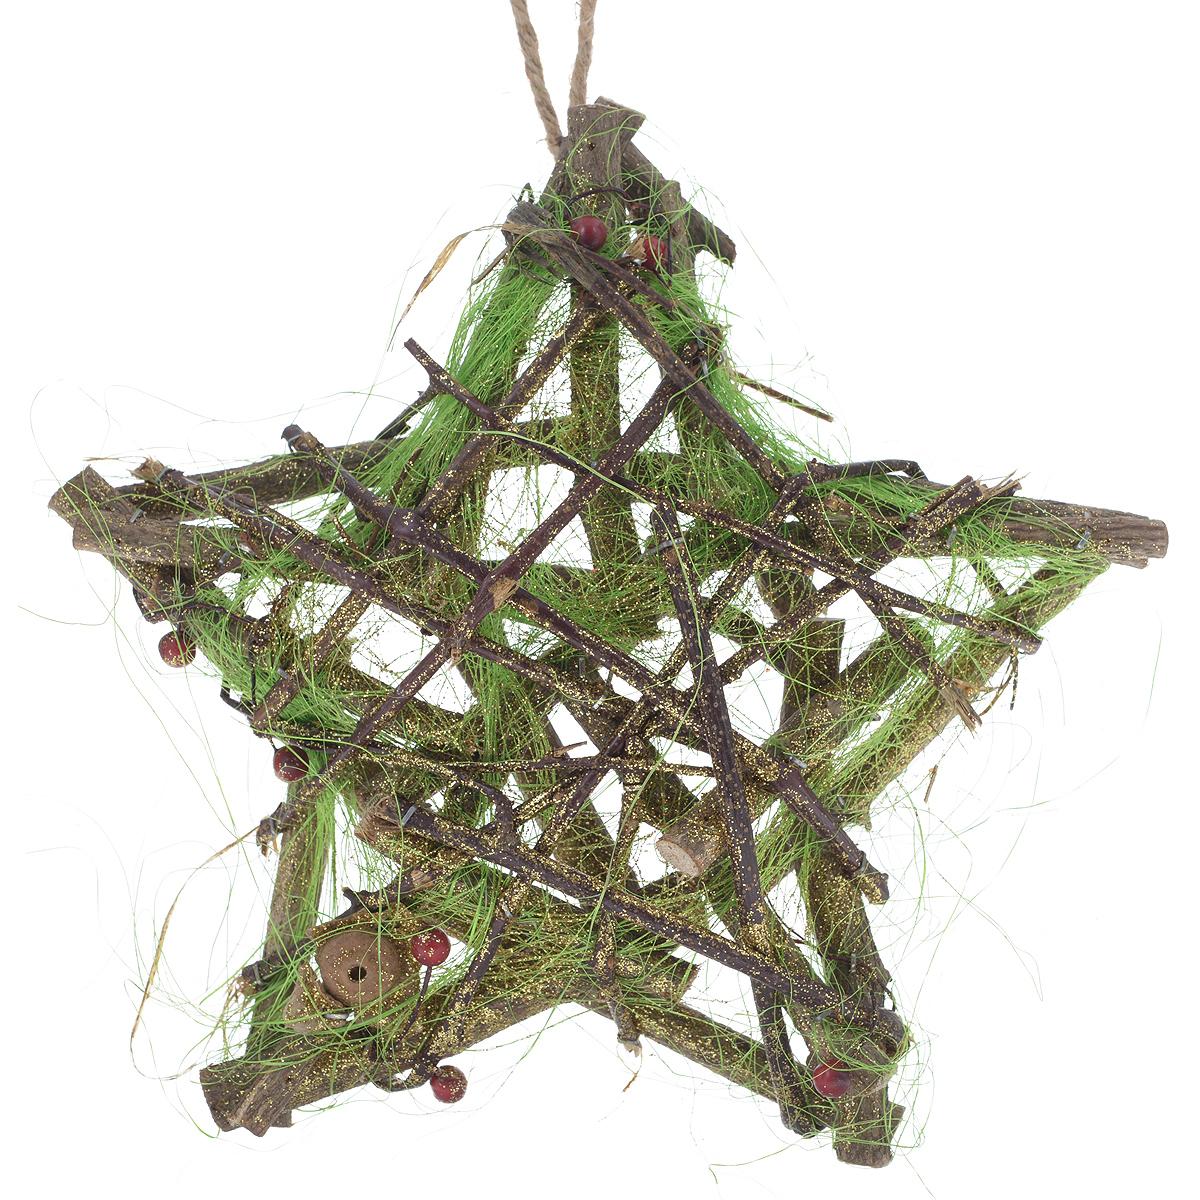 Декоративный элемент Dongjiang Art, 24 см х 24 смBRT.GBДекоративный элемент Dongjiang Art, изготовленный из натурального дерева, представляет собой звезду, оформленную цветными нитями и блестками. Изделиепредназначено для дальнейшего украшения бусинами, лентами, стразами, фигурками, бумагой и другим материалом.Работа, выполненная своими руками, станет замечательным подарком для близких и друзей!Размер элемента: 24 см х 24 см х 4,5 см.